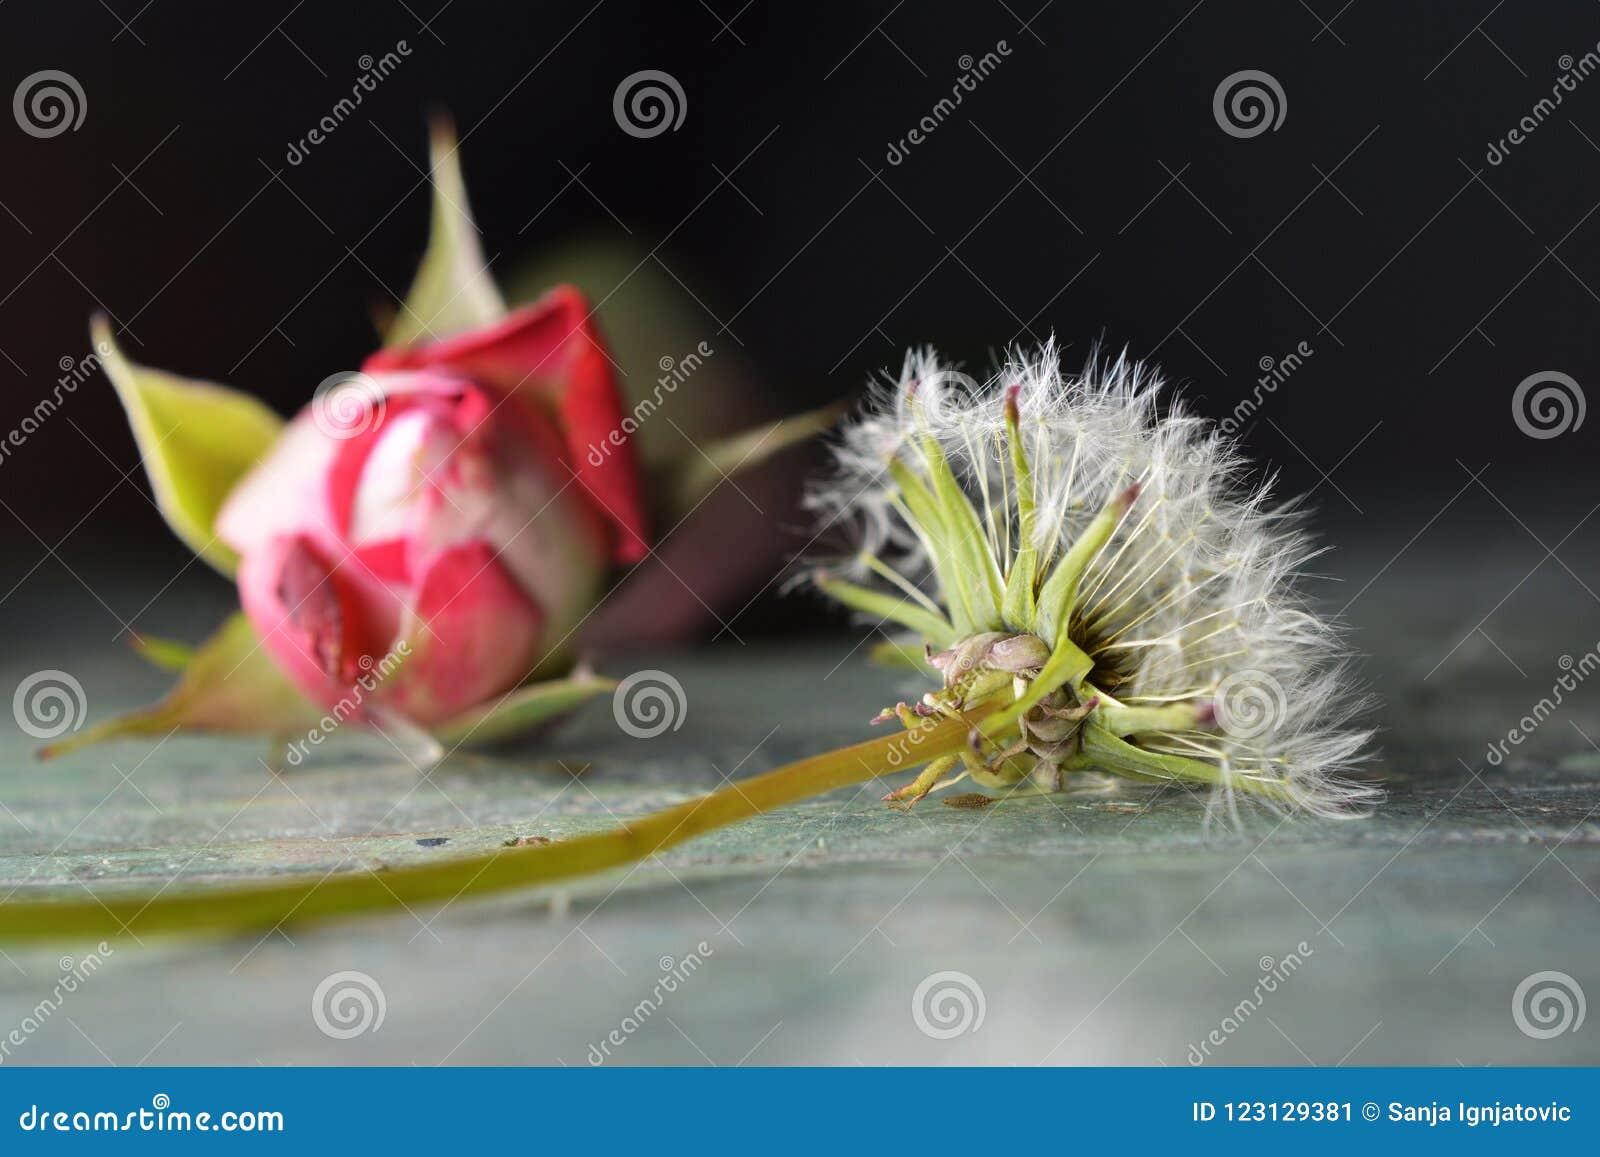 蒲公英和玫瑰